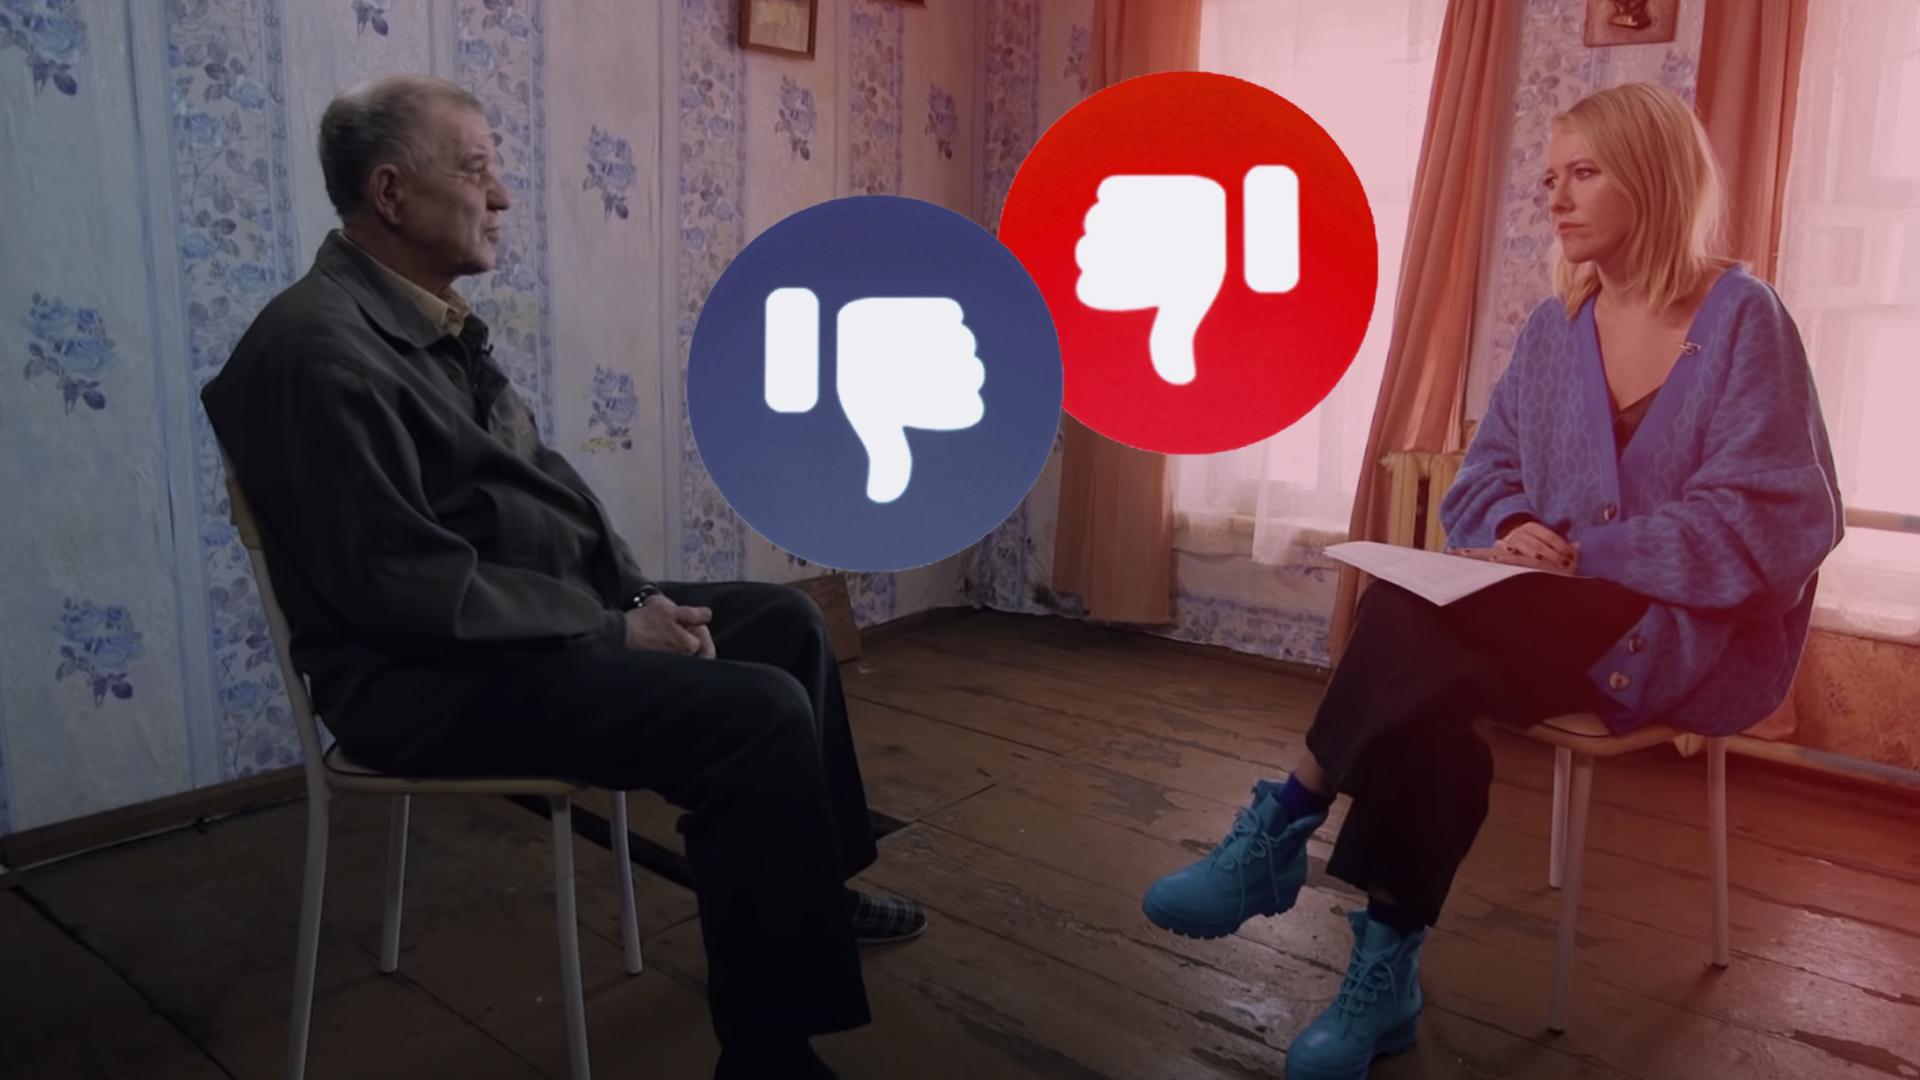 Народный суд над Собчак: как отреагировали в соцсетях на бенефис маньяка Мохова